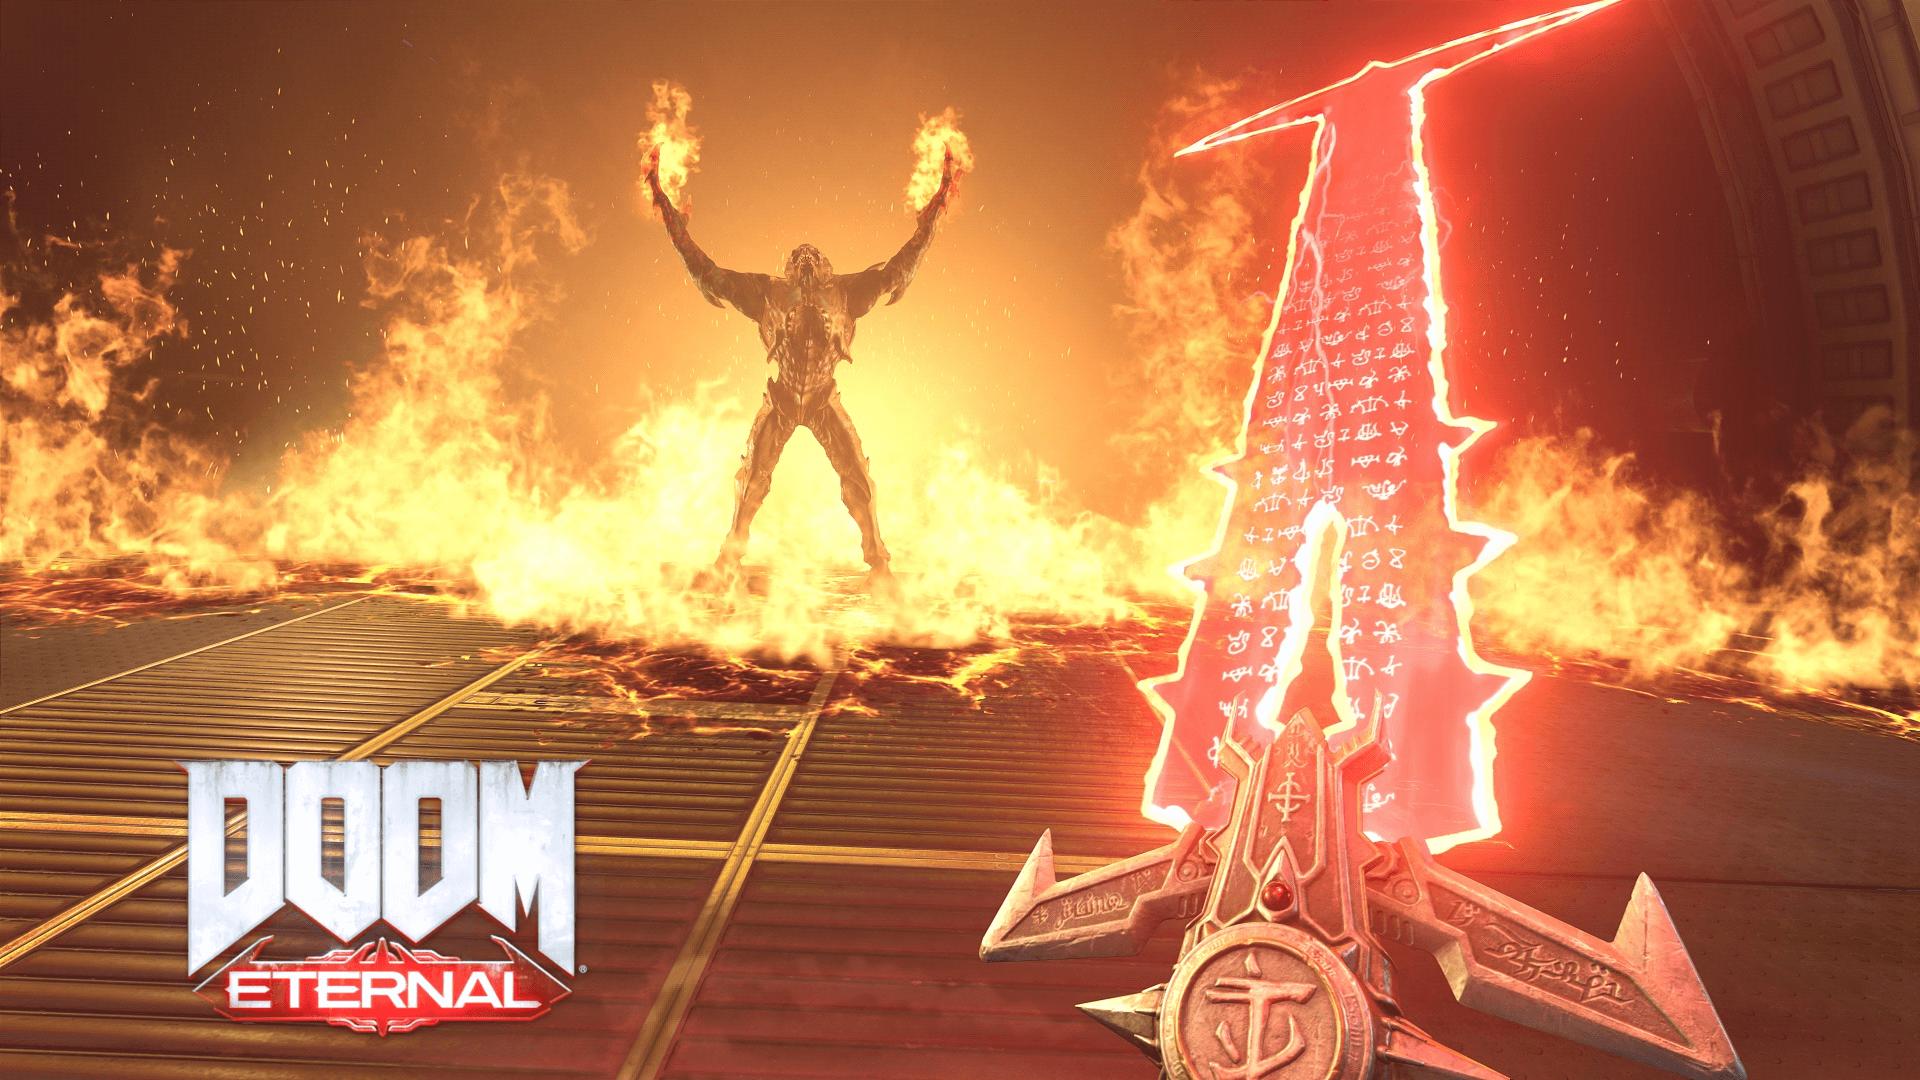 doom eternal sword wallpaper 67563